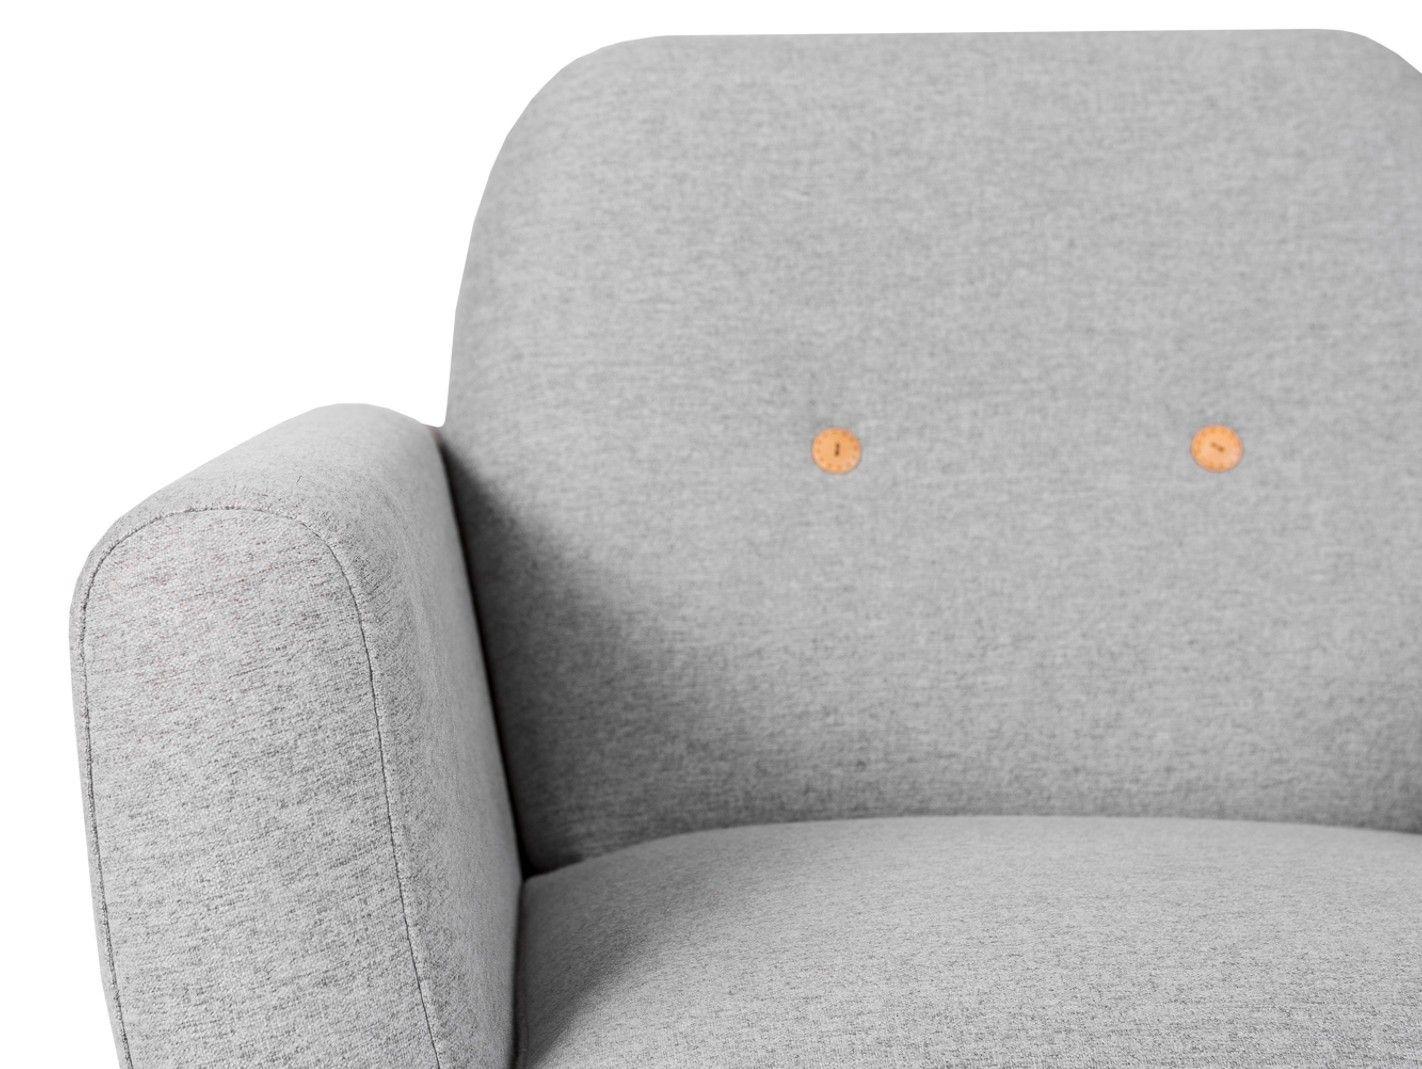 Sofas clasicos baratos amazing funda sof prctica bianca - Merkamueble sofas cheslong ...